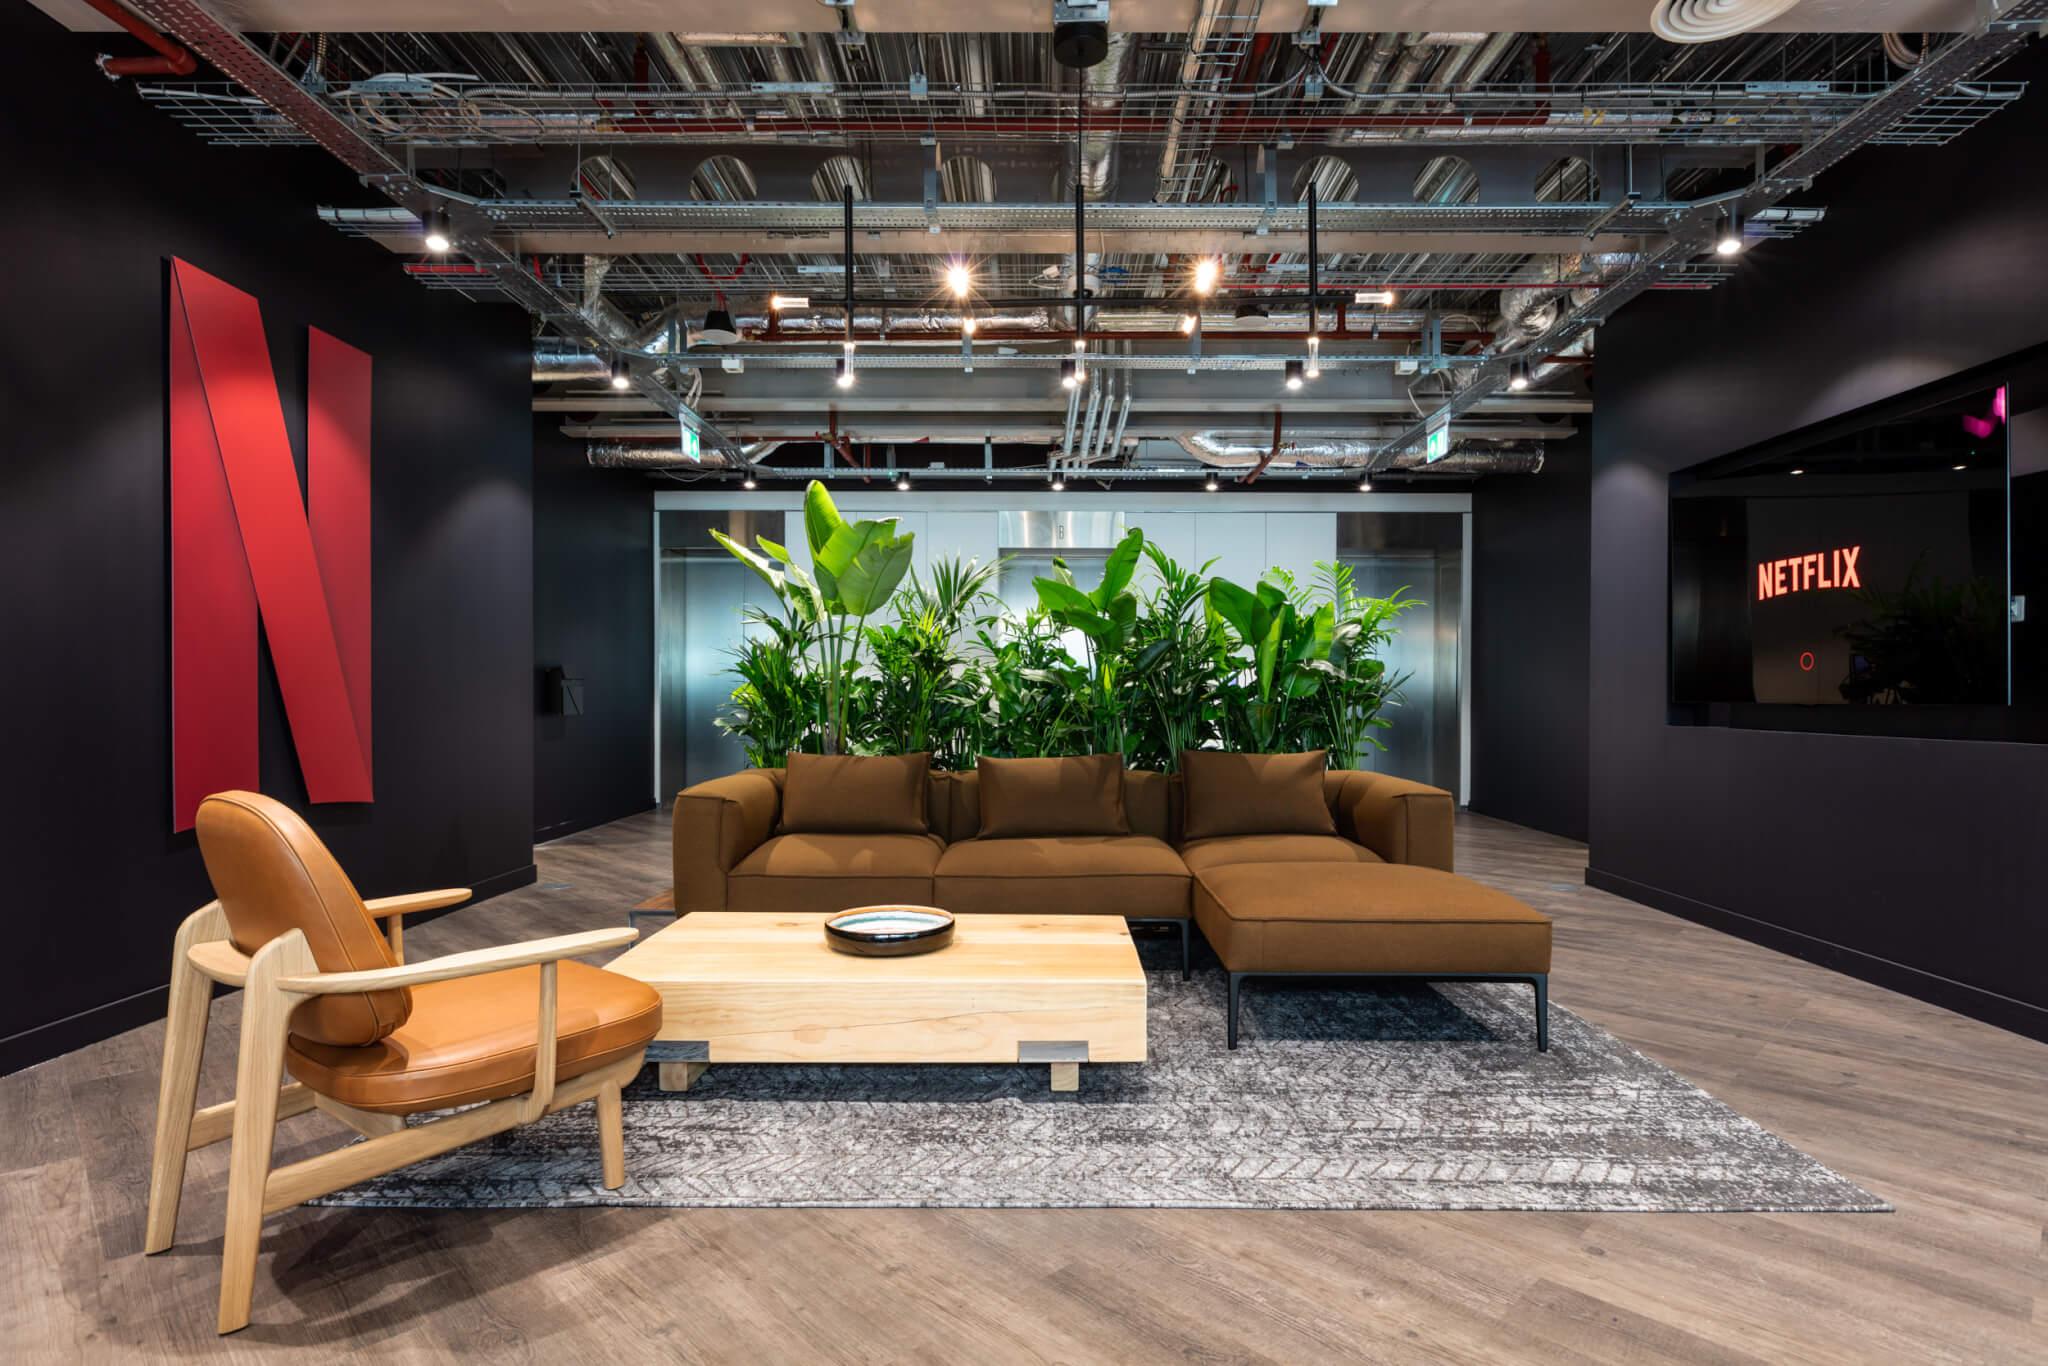 Netflix aandeel londen HQ